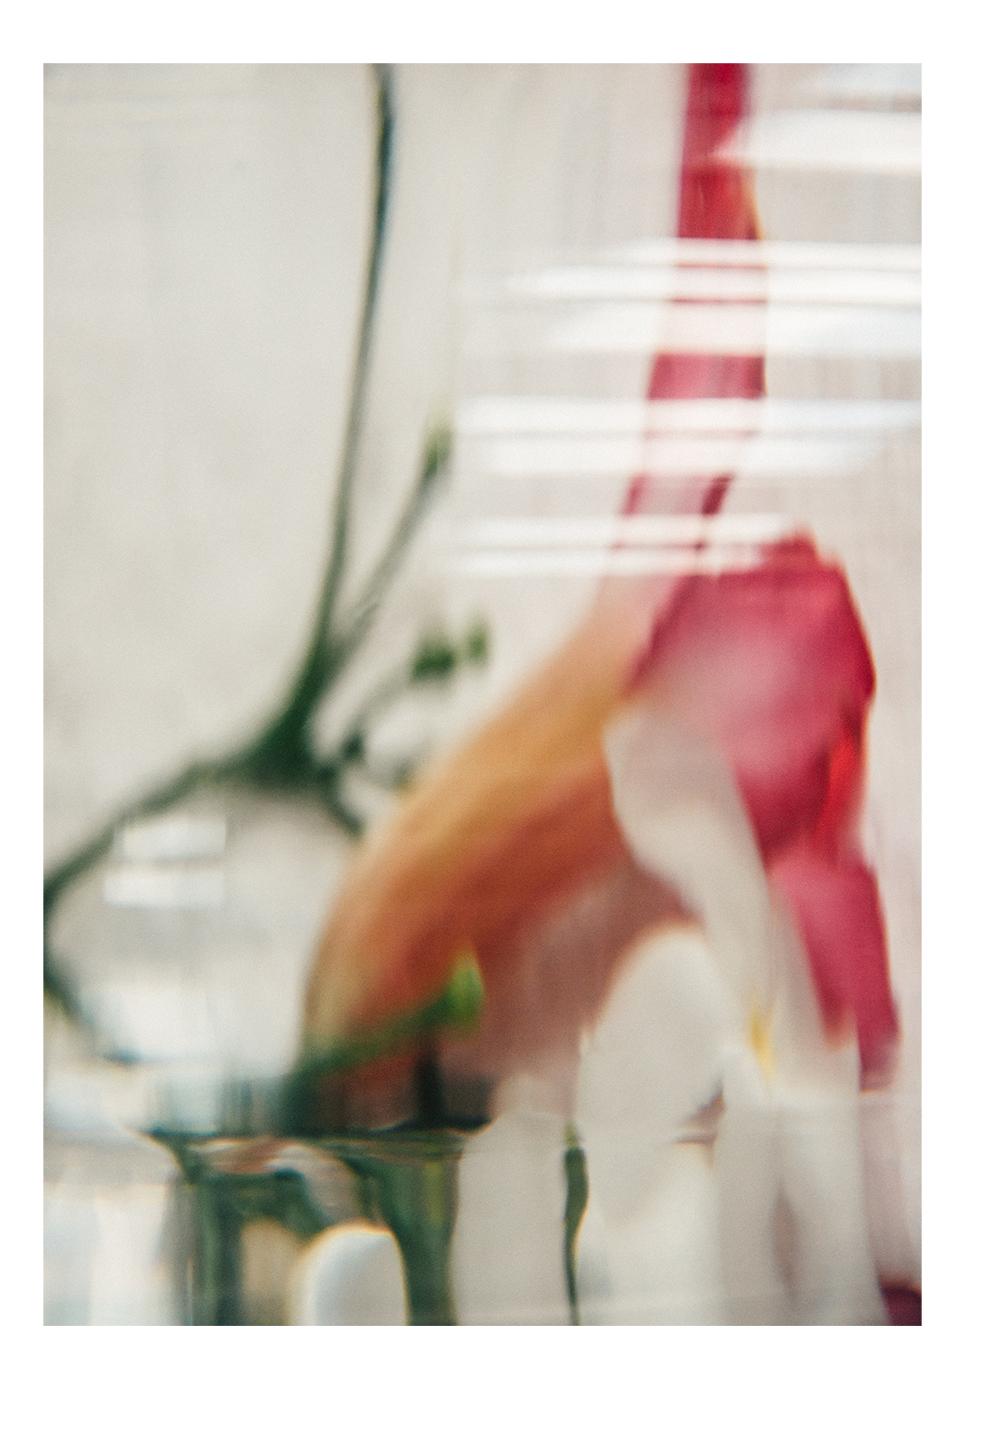 Conceptual floral derangements personal photo series